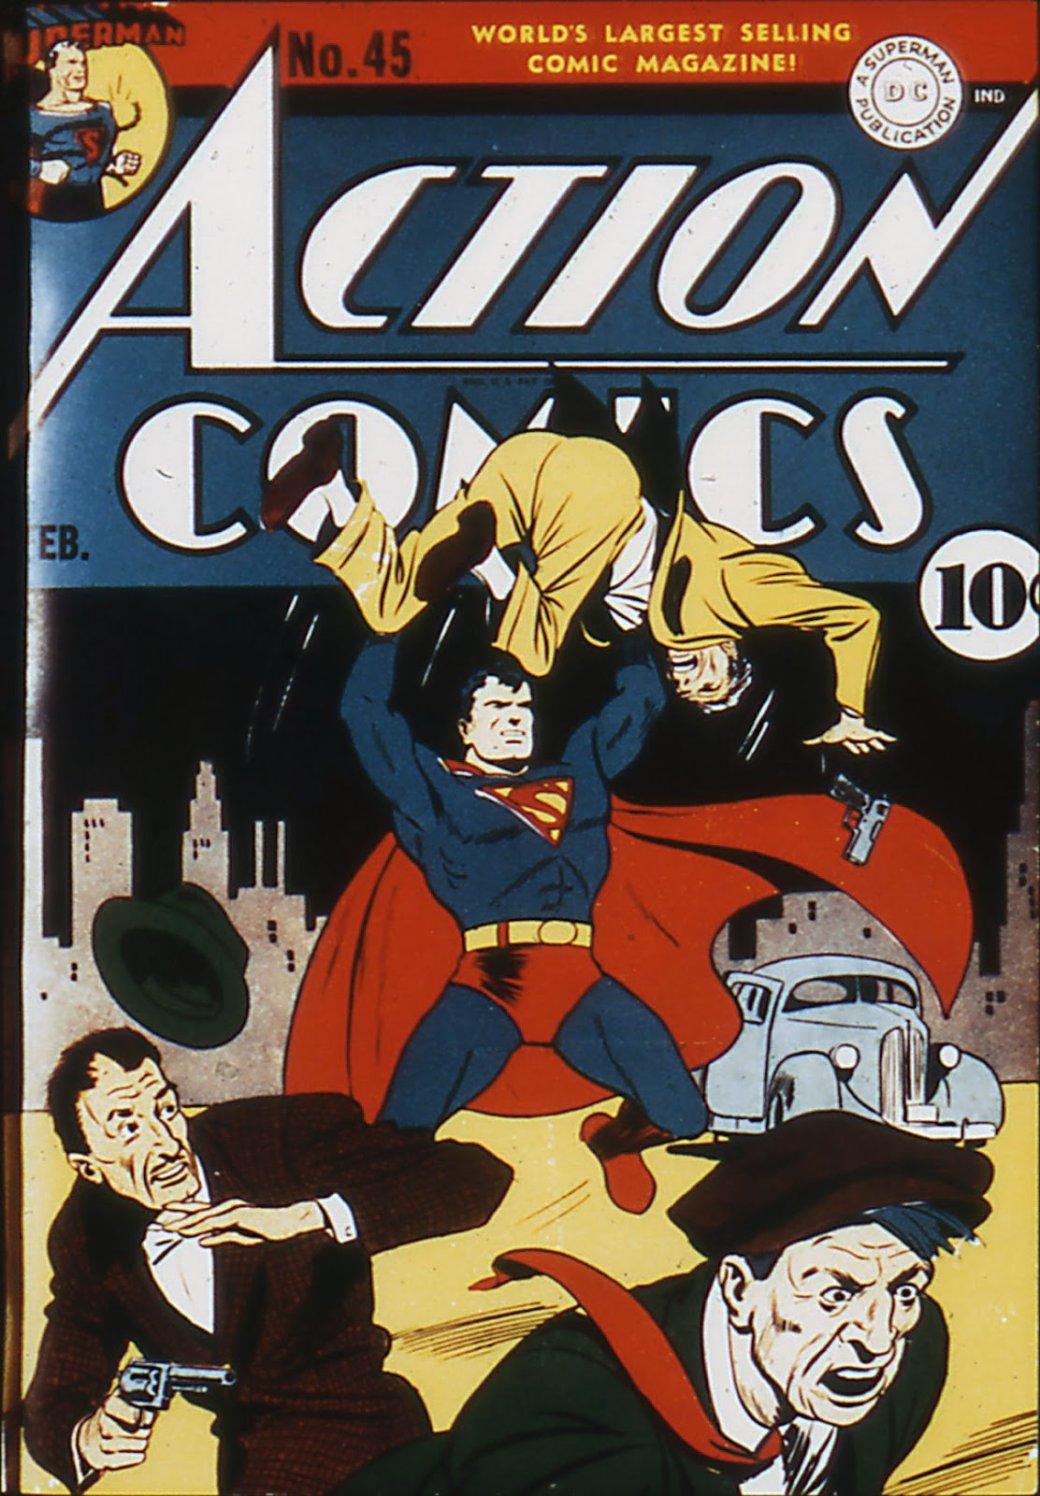 История Супермена иэволюция его образа вкомиксах   Канобу - Изображение 9395